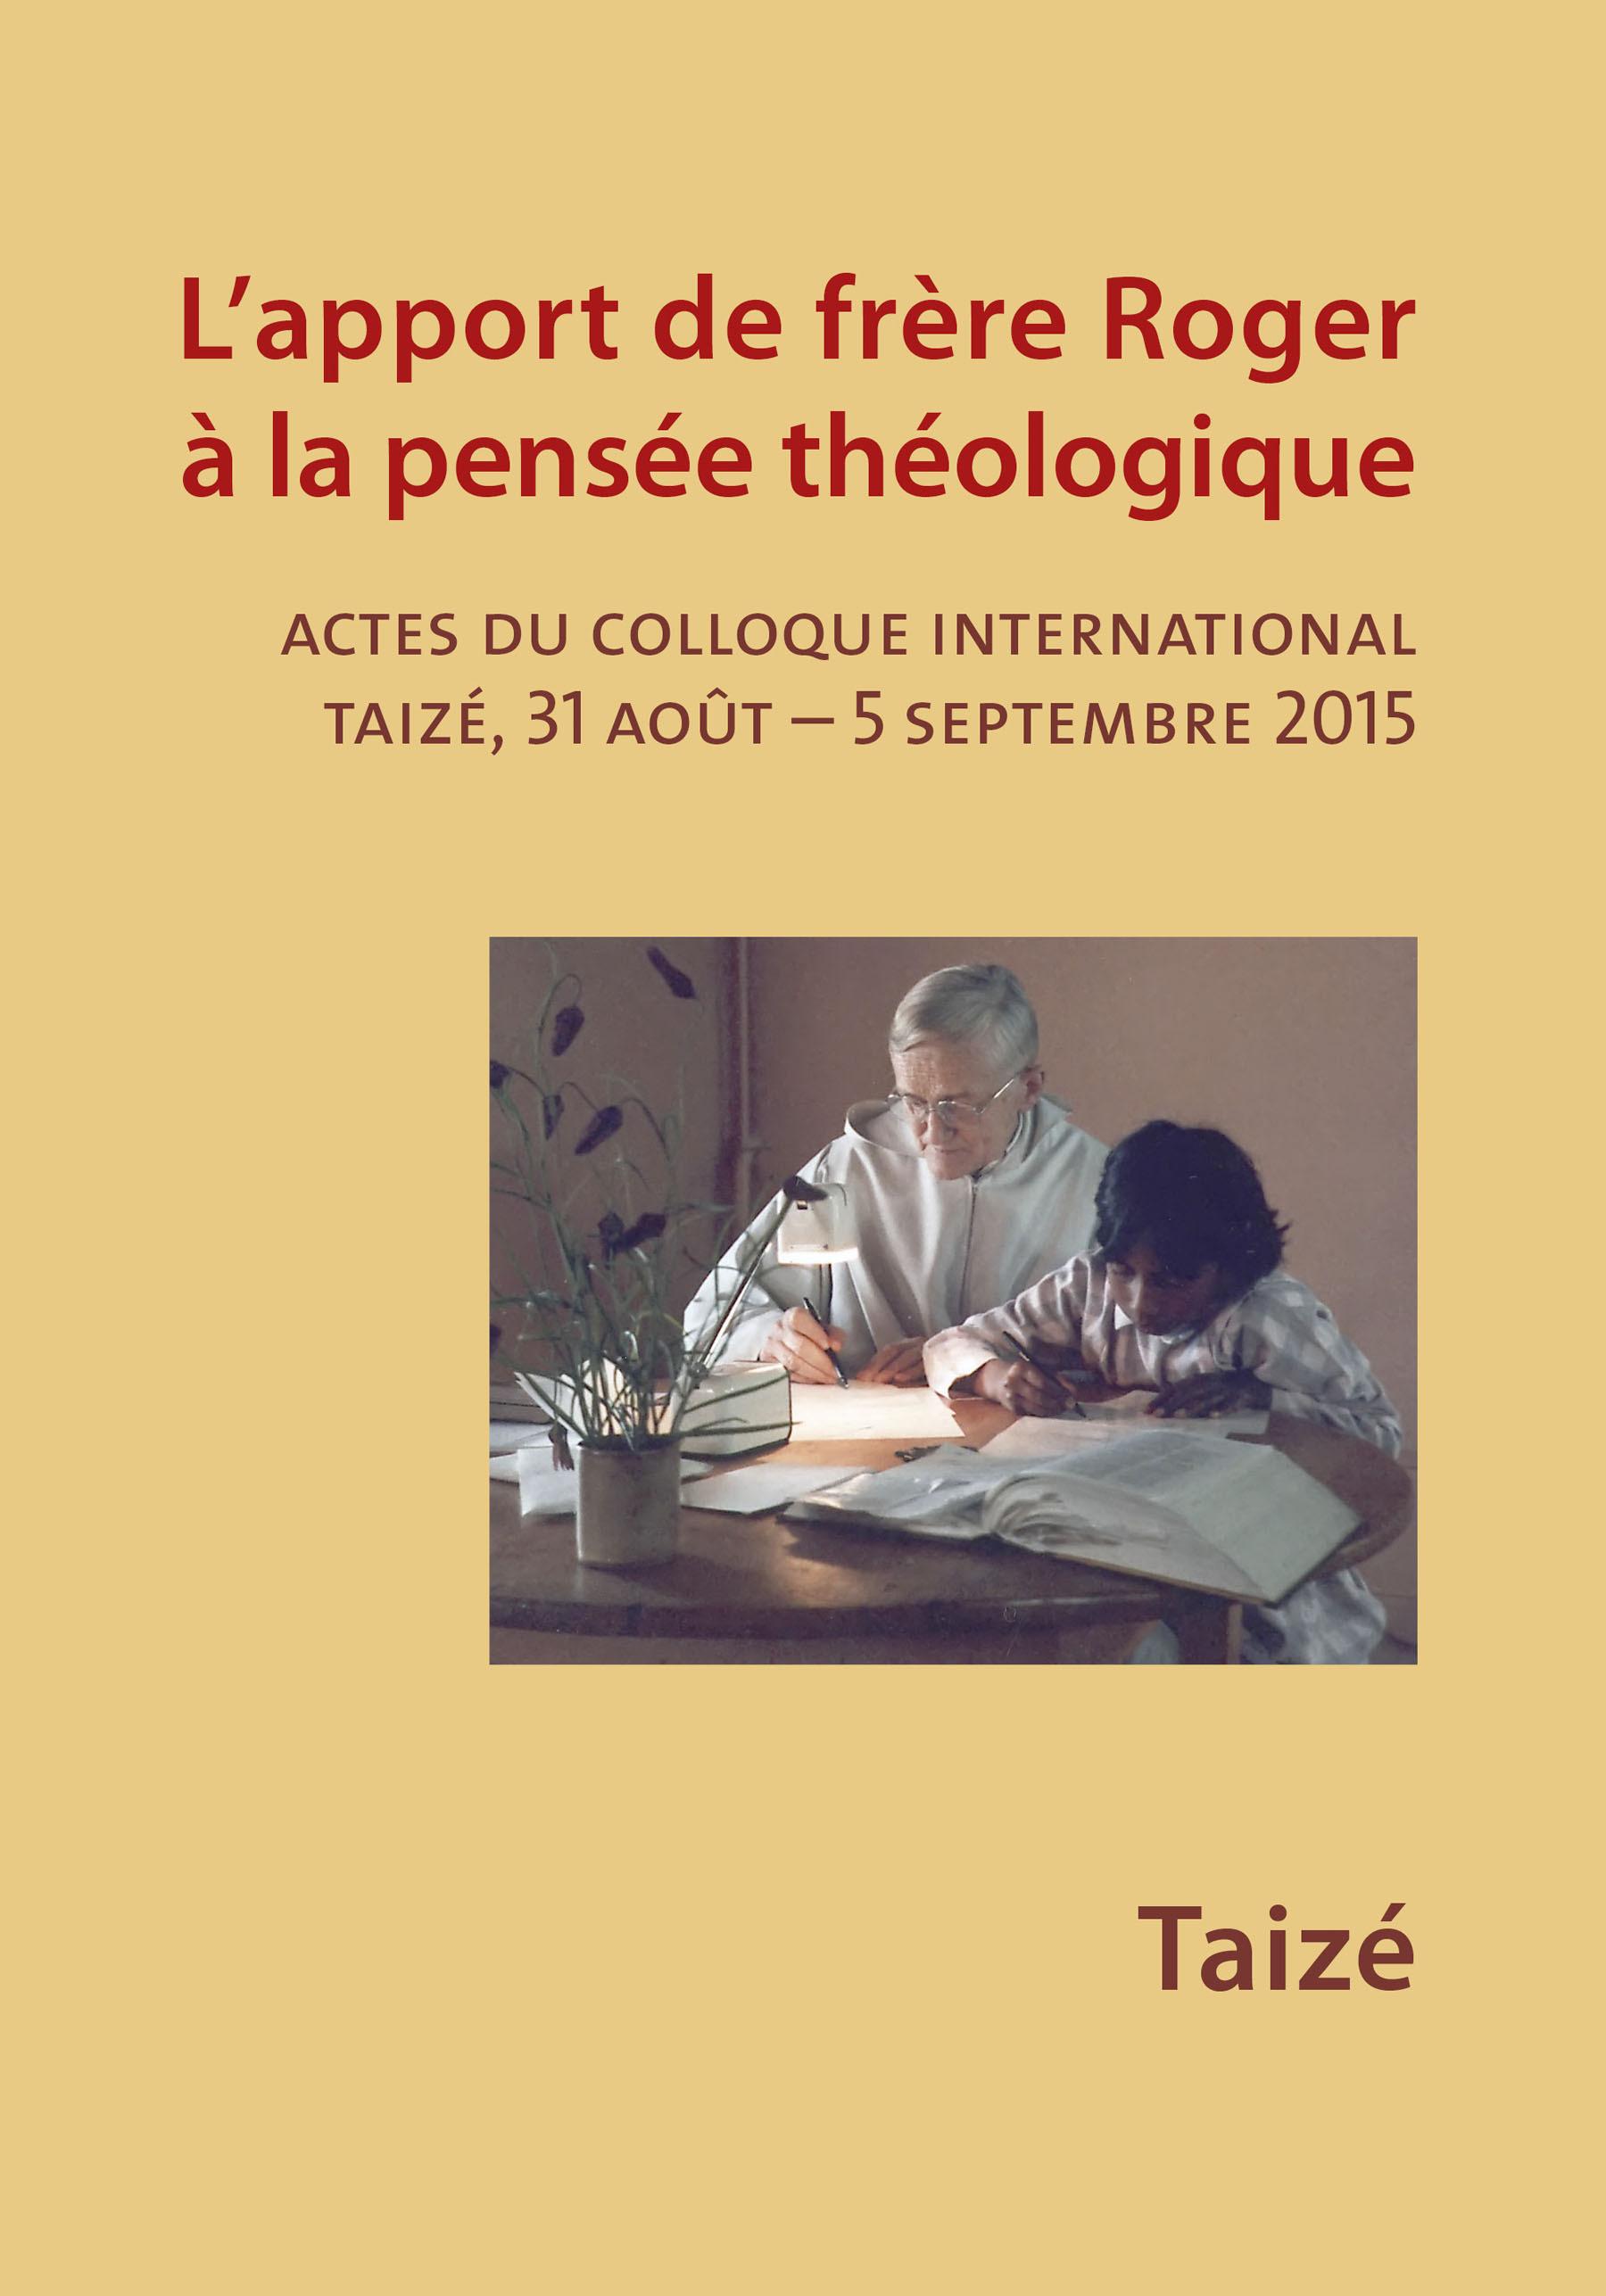 Apport de frère Roger à la pensée théologique ; actes du colloque international